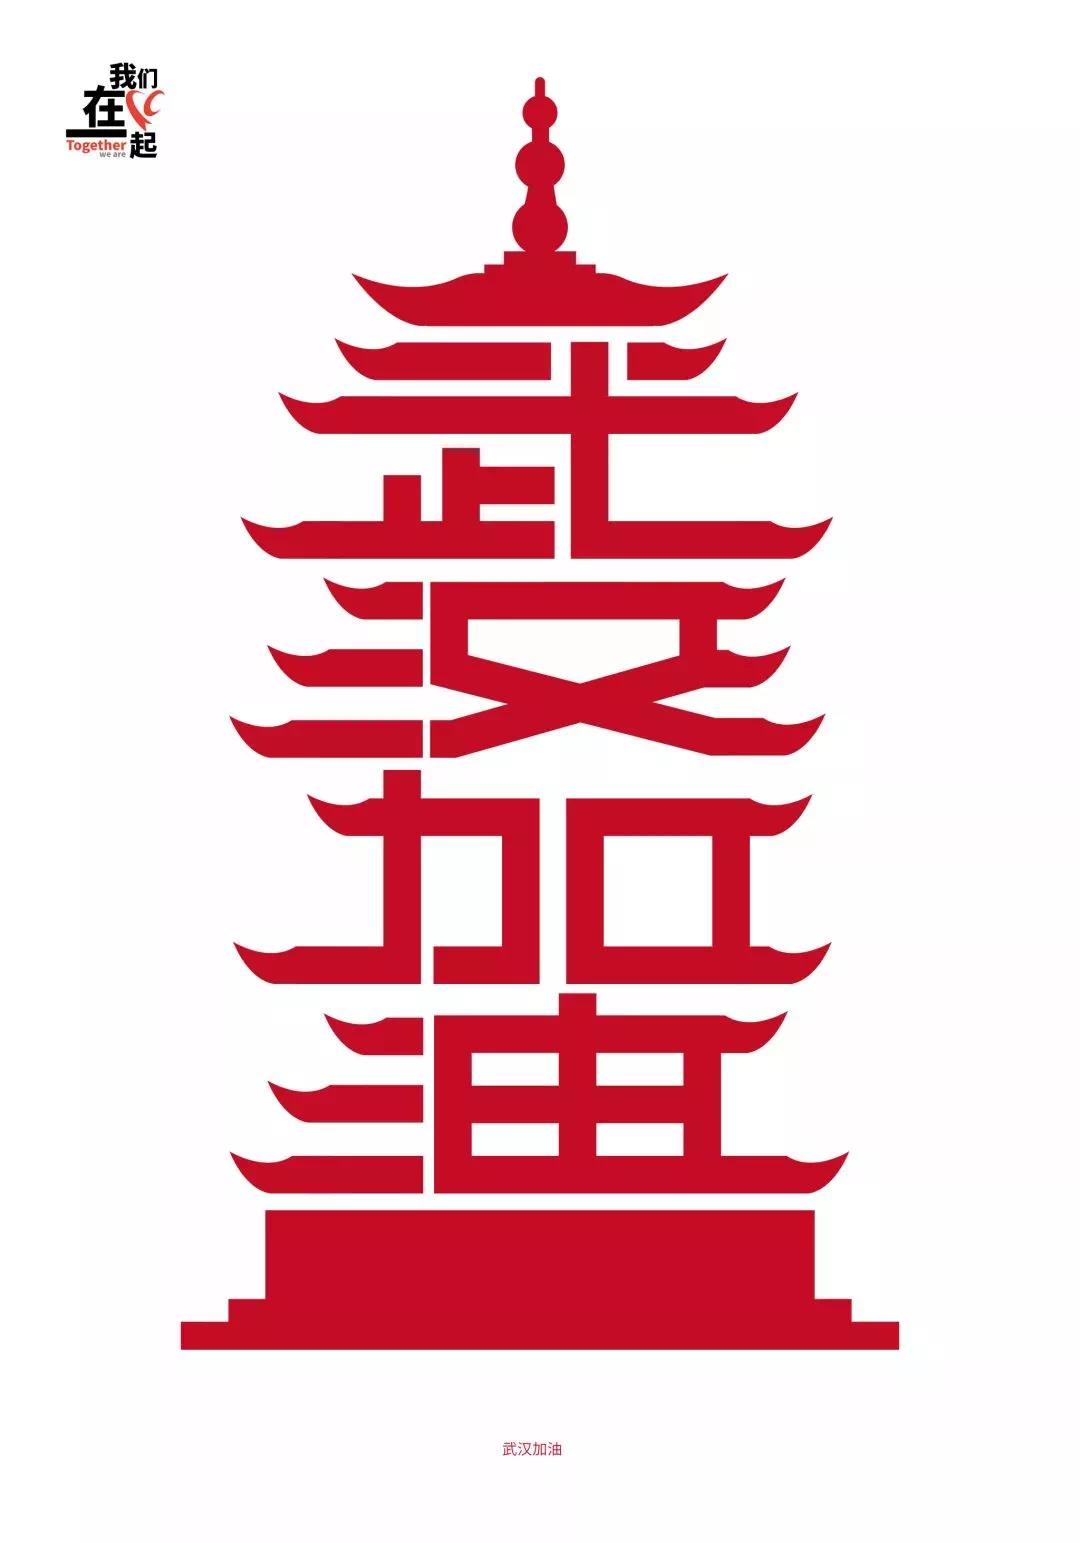 100张声音!是设计师为武汉和中国加油的海报!音乐软件海报设计图片图片